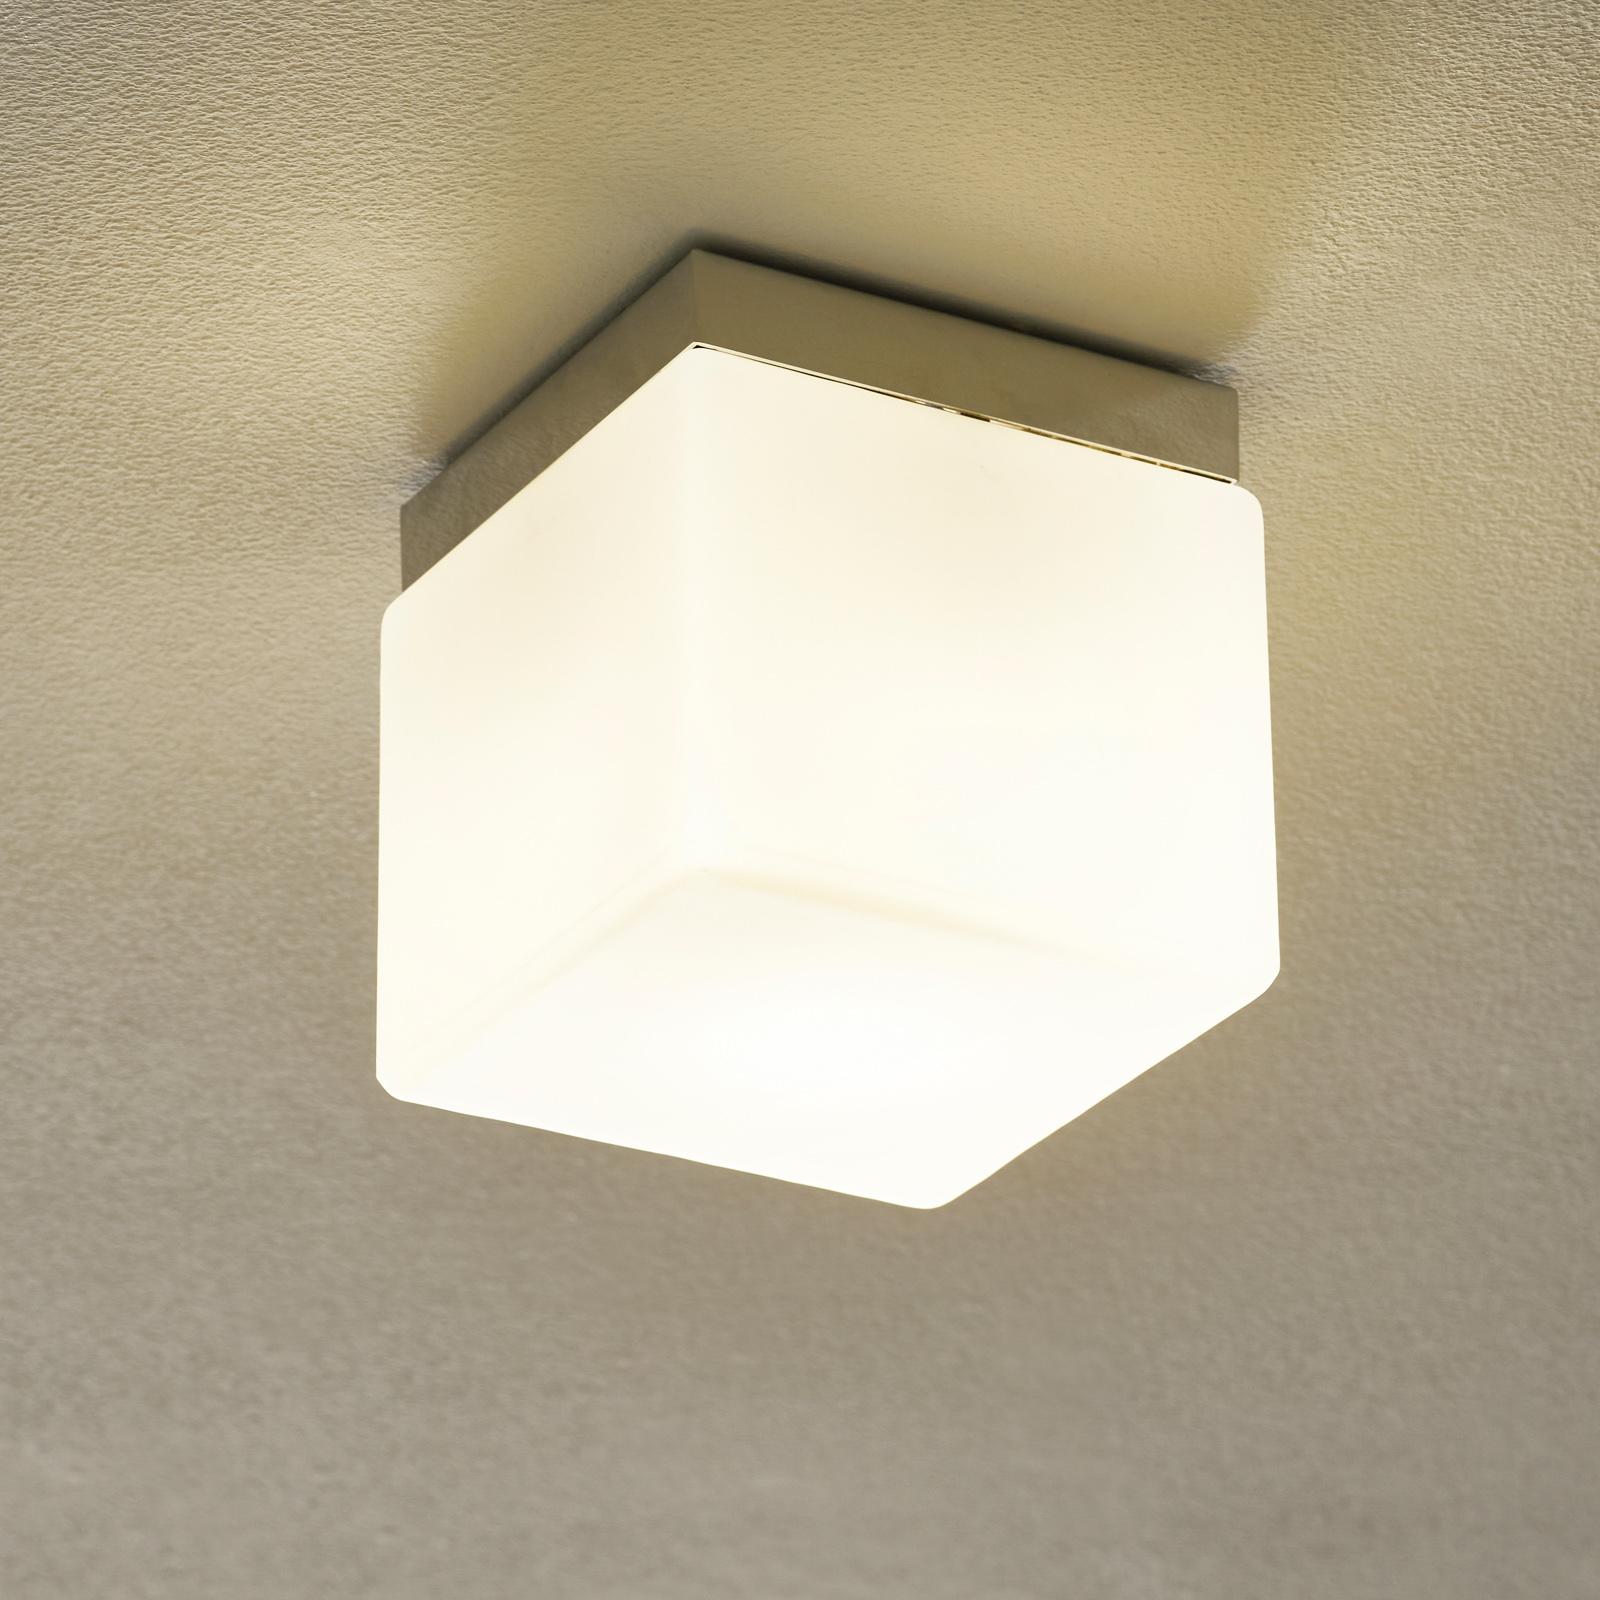 Tafellamp Cubis, chroom